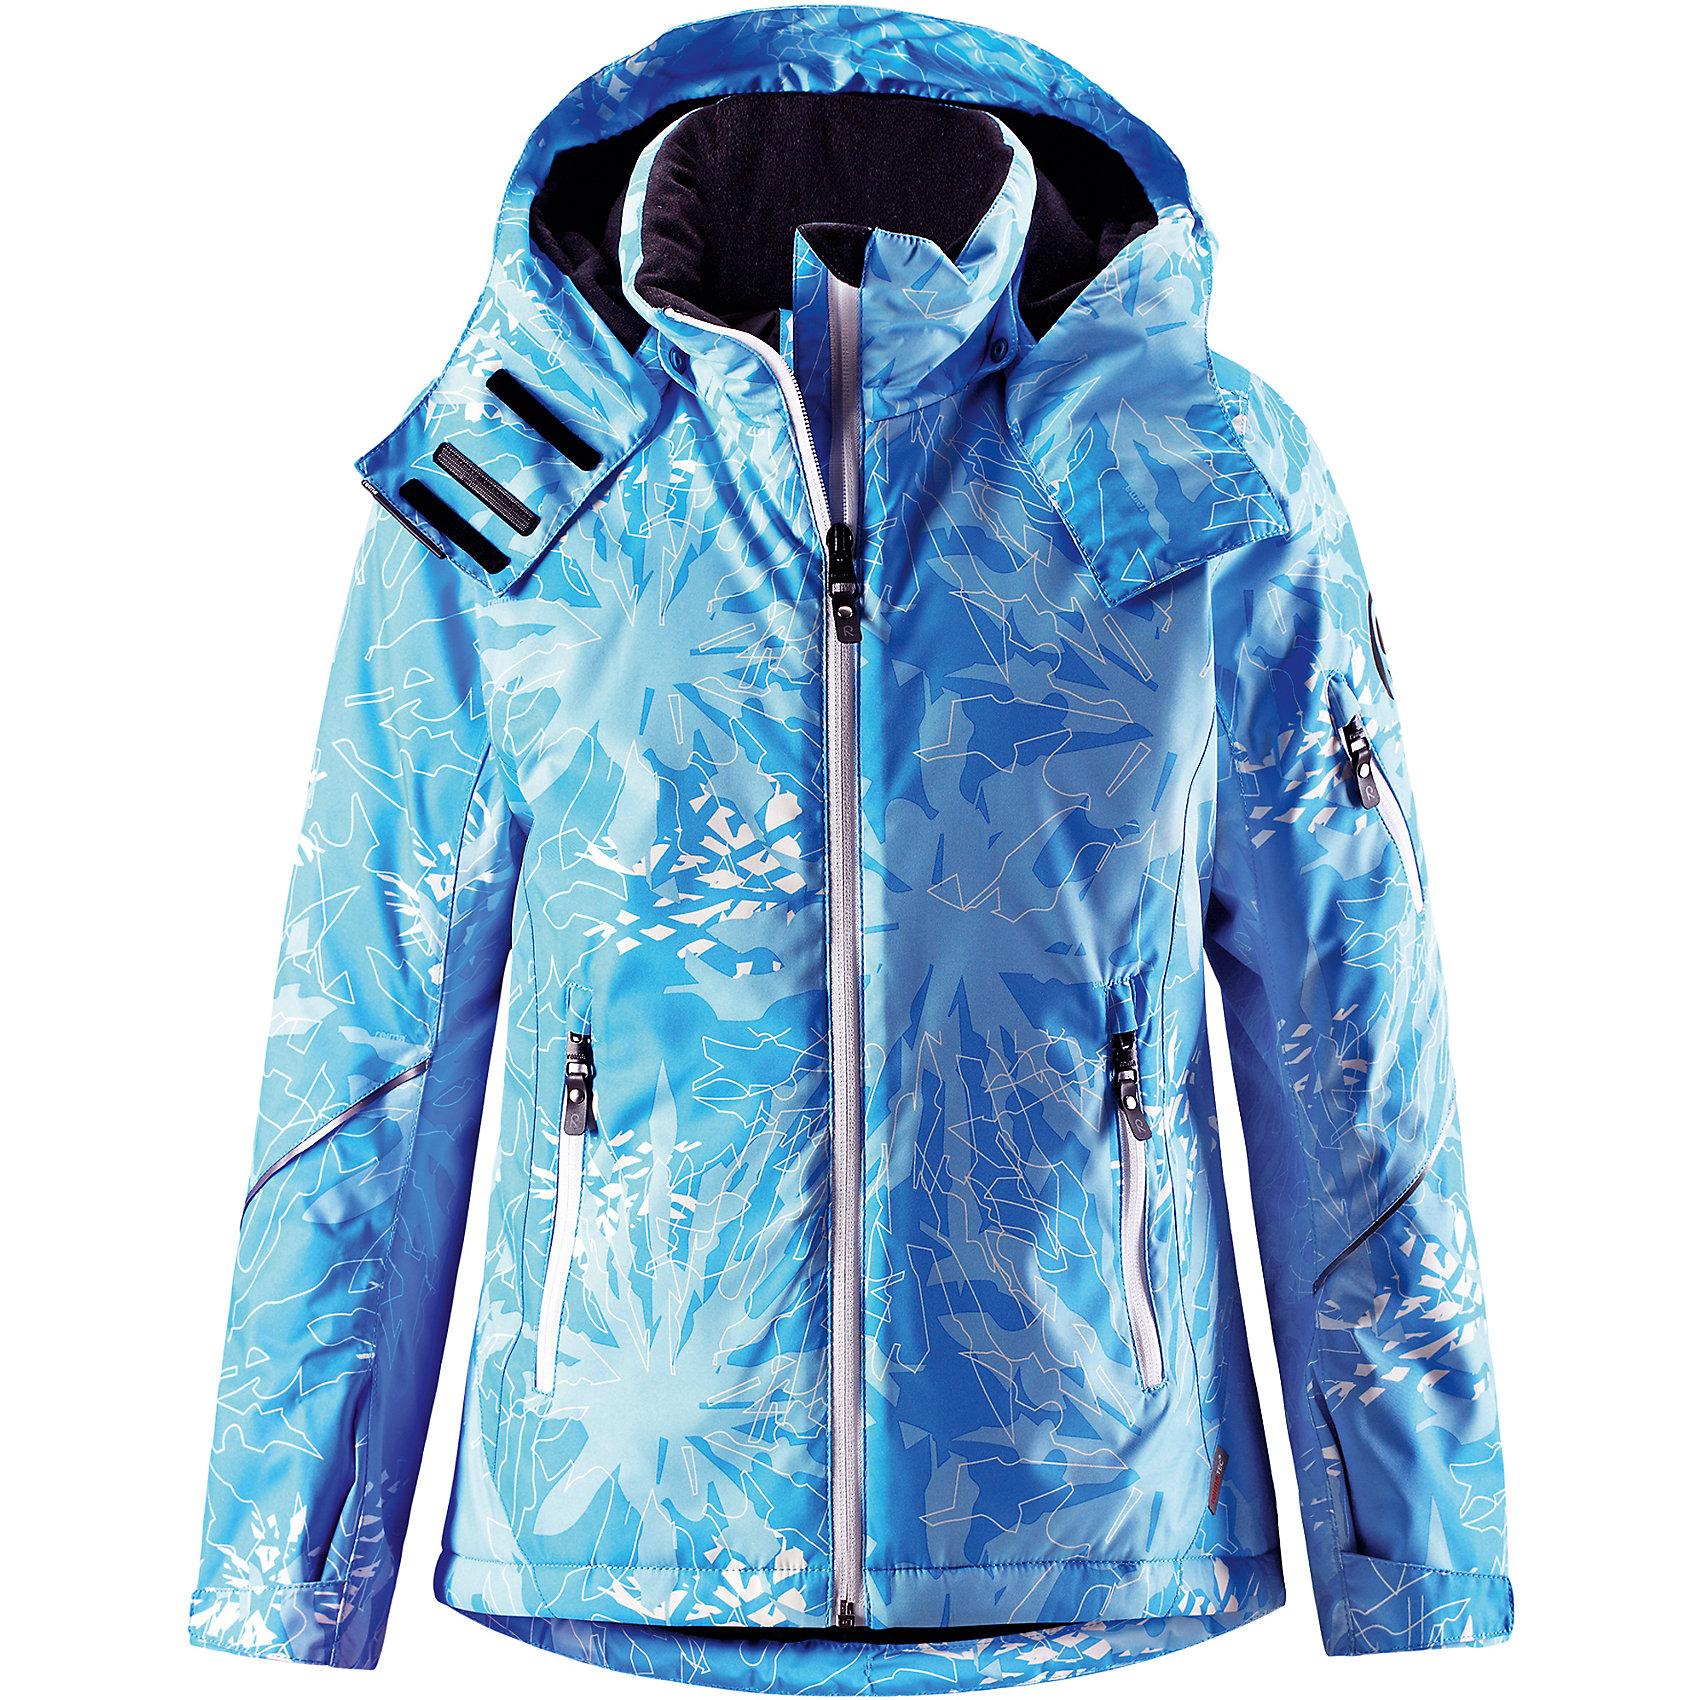 Куртка Reimatec® Reima Glow для девочкиВерхняя одежда<br>Характеристики товара:<br><br>• цвет: голубой;<br>• состав: 100% полиэстер;<br>• подкладка: 100% полиэстер;<br>• утеплитель: 140 г/м2;<br>• сезон: зима;<br>• температурный режим: от 0 до -20С;<br>• водонепроницаемость: 5000 мм;<br>• воздухопроницаемость: 7000 мм;<br>• износостойкость: 10000 циклов (тест Мартиндейла);<br>• водо- и ветронепроницаемый, дышащий и грязеотталкивающий материал;<br>• основные швы проклеены и водонепроницаемы;<br>• застежка: молния с защитой подбородка;<br>• гладкая подкладка из полиэстера;<br>• безопасный съемный и регулируемый капюшон;<br>• регулируемые манжеты и внутренние манжеты из лайкры;<br>• регулируемый подол, снегозащитный манжет на талии;<br>• карманы на молнии, карман для skipass на рукаве;<br>• карман для очков, внутренний нагрудный карман;<br>• светоотражающие детали;<br>• страна бренда: Финляндия;<br>• страна изготовитель: Китай.<br><br>Детская непромокаемая зимняя куртка Reimatec® изготовлена из водо и ветронепроницаемого, дышащего материала с высокими грязеотталкивающими характеристиками. Все основные швы в ней проклеены, водонепроницаемы. В этой модели для девочек подол легко регулируется, что позволяет подогнать куртку идеально по фигуре. <br><br>Съемный регулируемый капюшон защищает от пронизывающего ветра и безопасен во время катания на лыжах. Симпатичная гладкая подкладка и практичные ветроотражатели по краю капюшона обеспечивают дополнительную защиту от холодного ветра. <br><br>Эта куртка с множеством замечательных деталей просто создана для лыжных склонов: снежная юбка на талии, карман для лыжной карты на рукаве, два кармана на молнии, внутренний нагрудный карман и специальный карман для лыжных очков. От повседневного комфорта до экстремальных условий.<br><br>Куртку Glow для девочки Reimatec® Reima от финского бренда Reima (Рейма) можно купить в нашем интернет-магазине.<br><br>Ширина мм: 356<br>Глубина мм: 10<br>Высота мм: 245<br>Вес г: 519<br>Цвет: синий<br>Воз